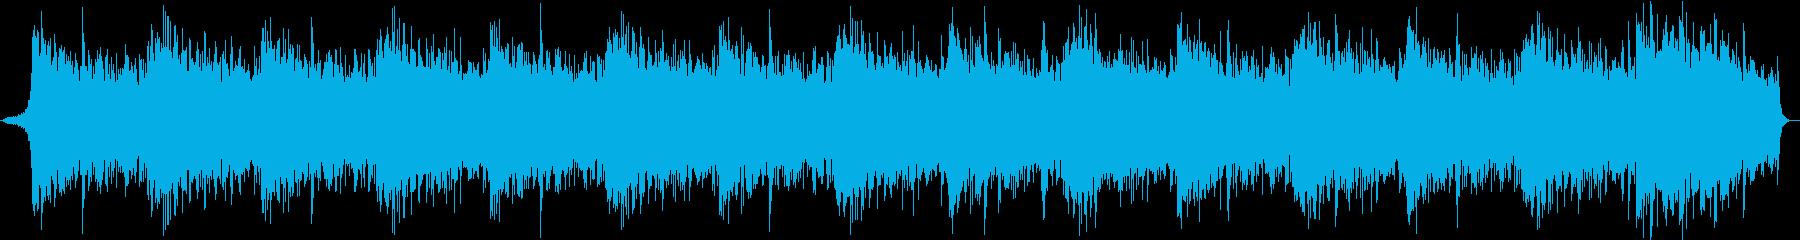 幻想的/絶望的/ゲームオーバー【Longの再生済みの波形